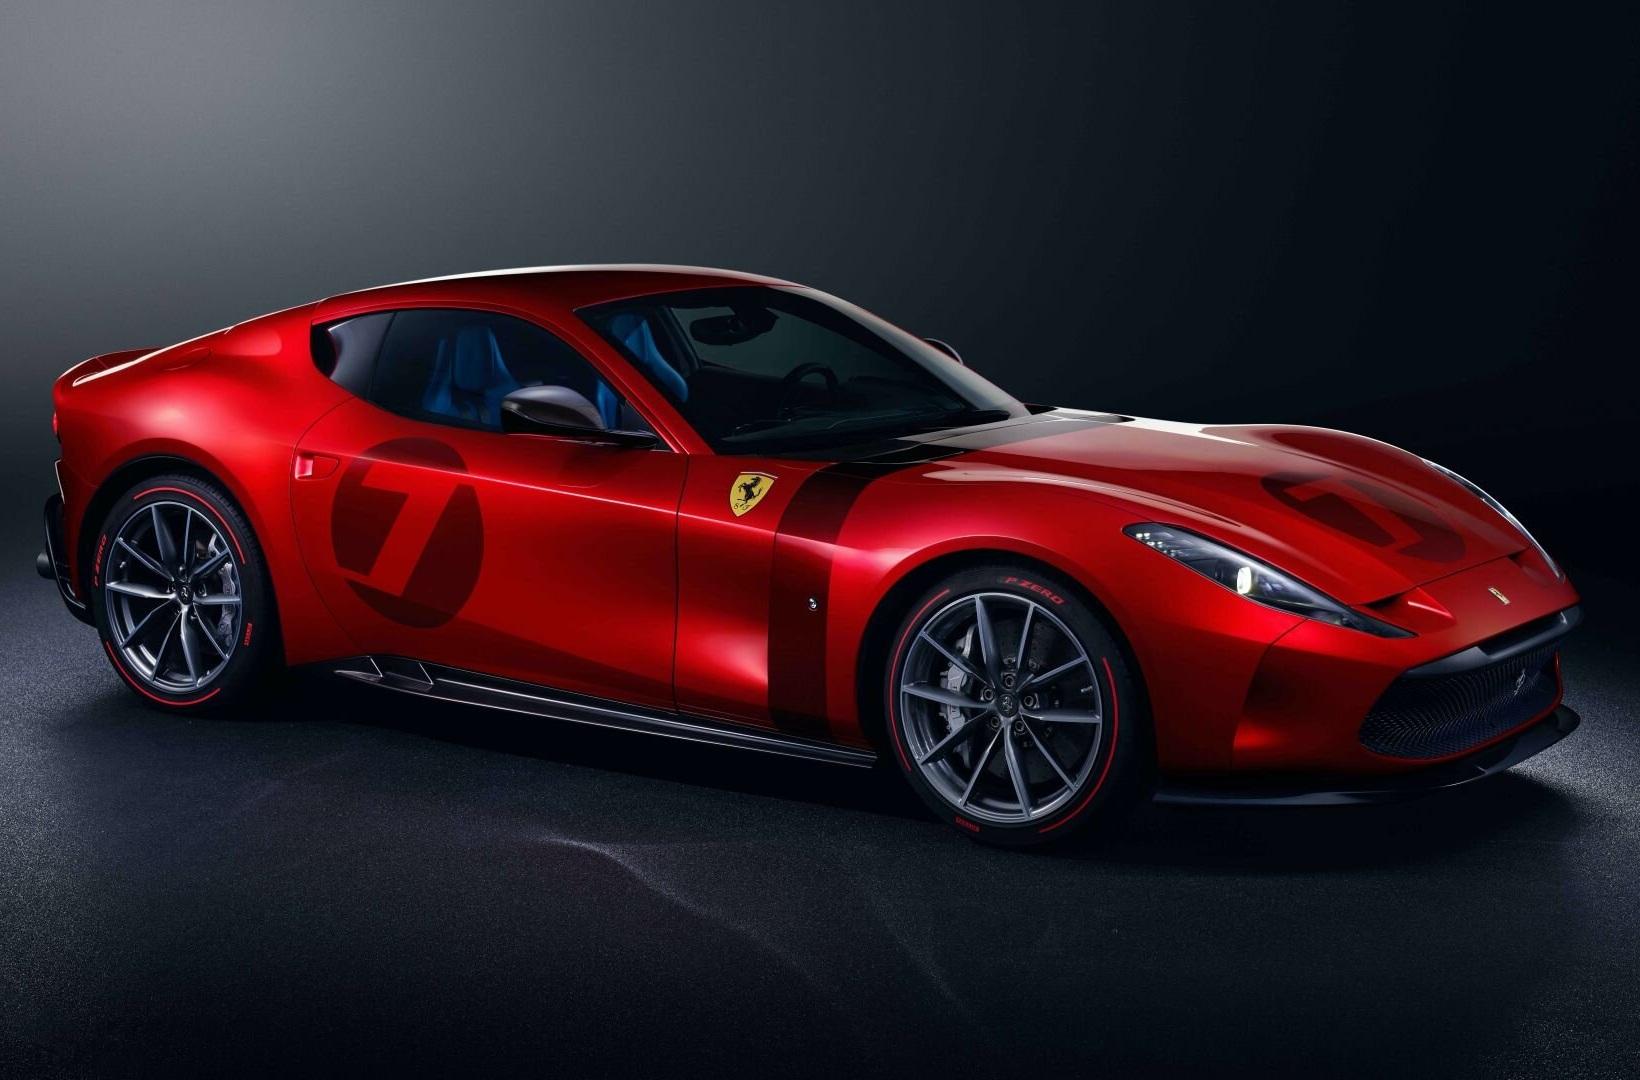 Ferrari показали уникальный суперкар в ретро-стиле